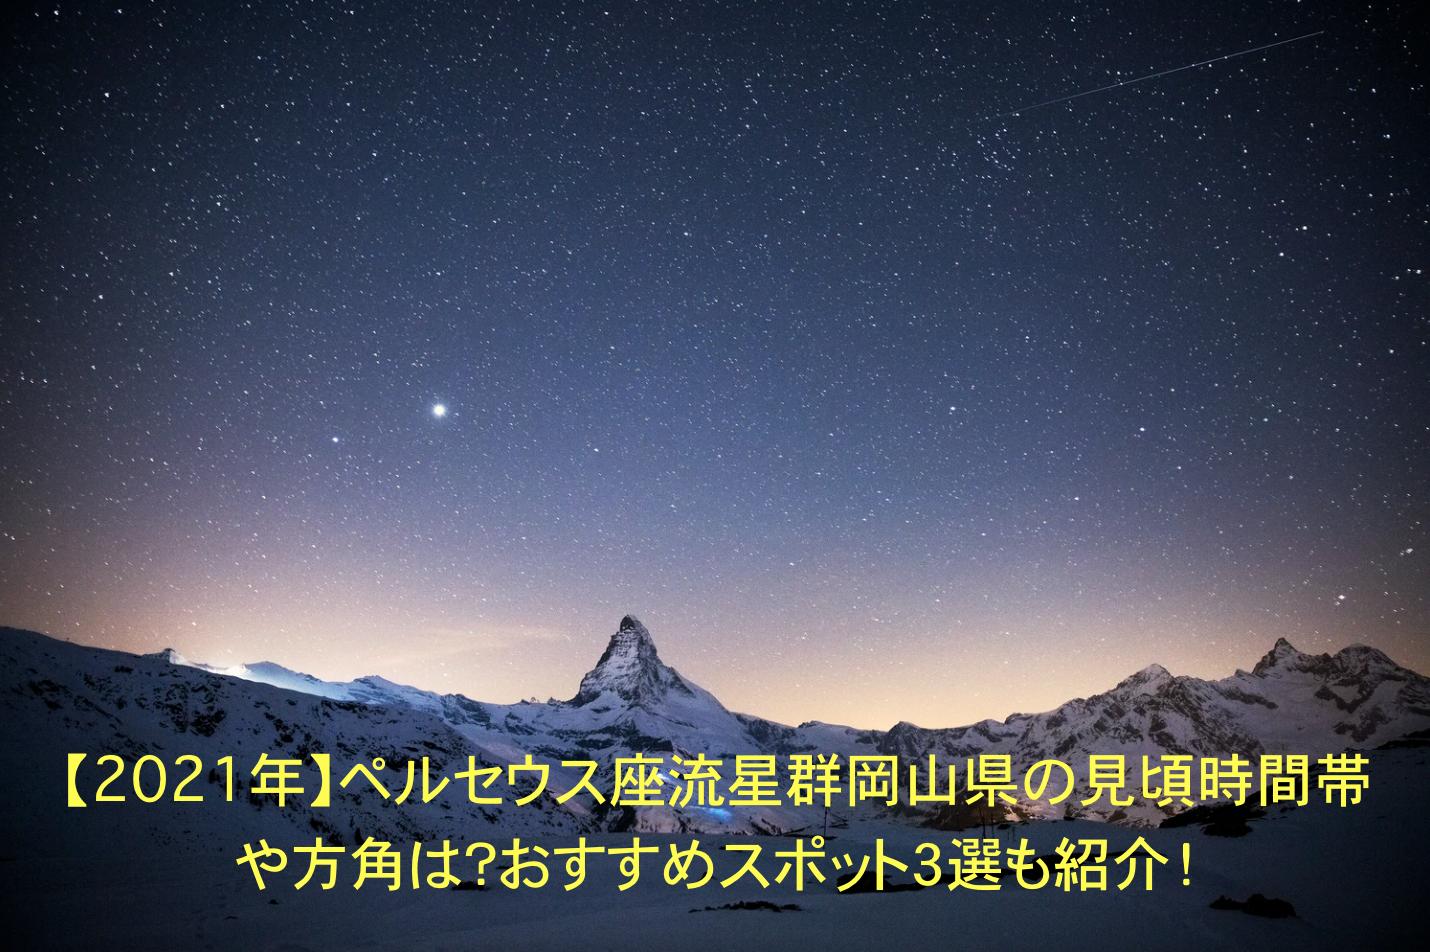 ペルセウス座流星群 岡山 見頃時間帯 方角 おすすめスポット